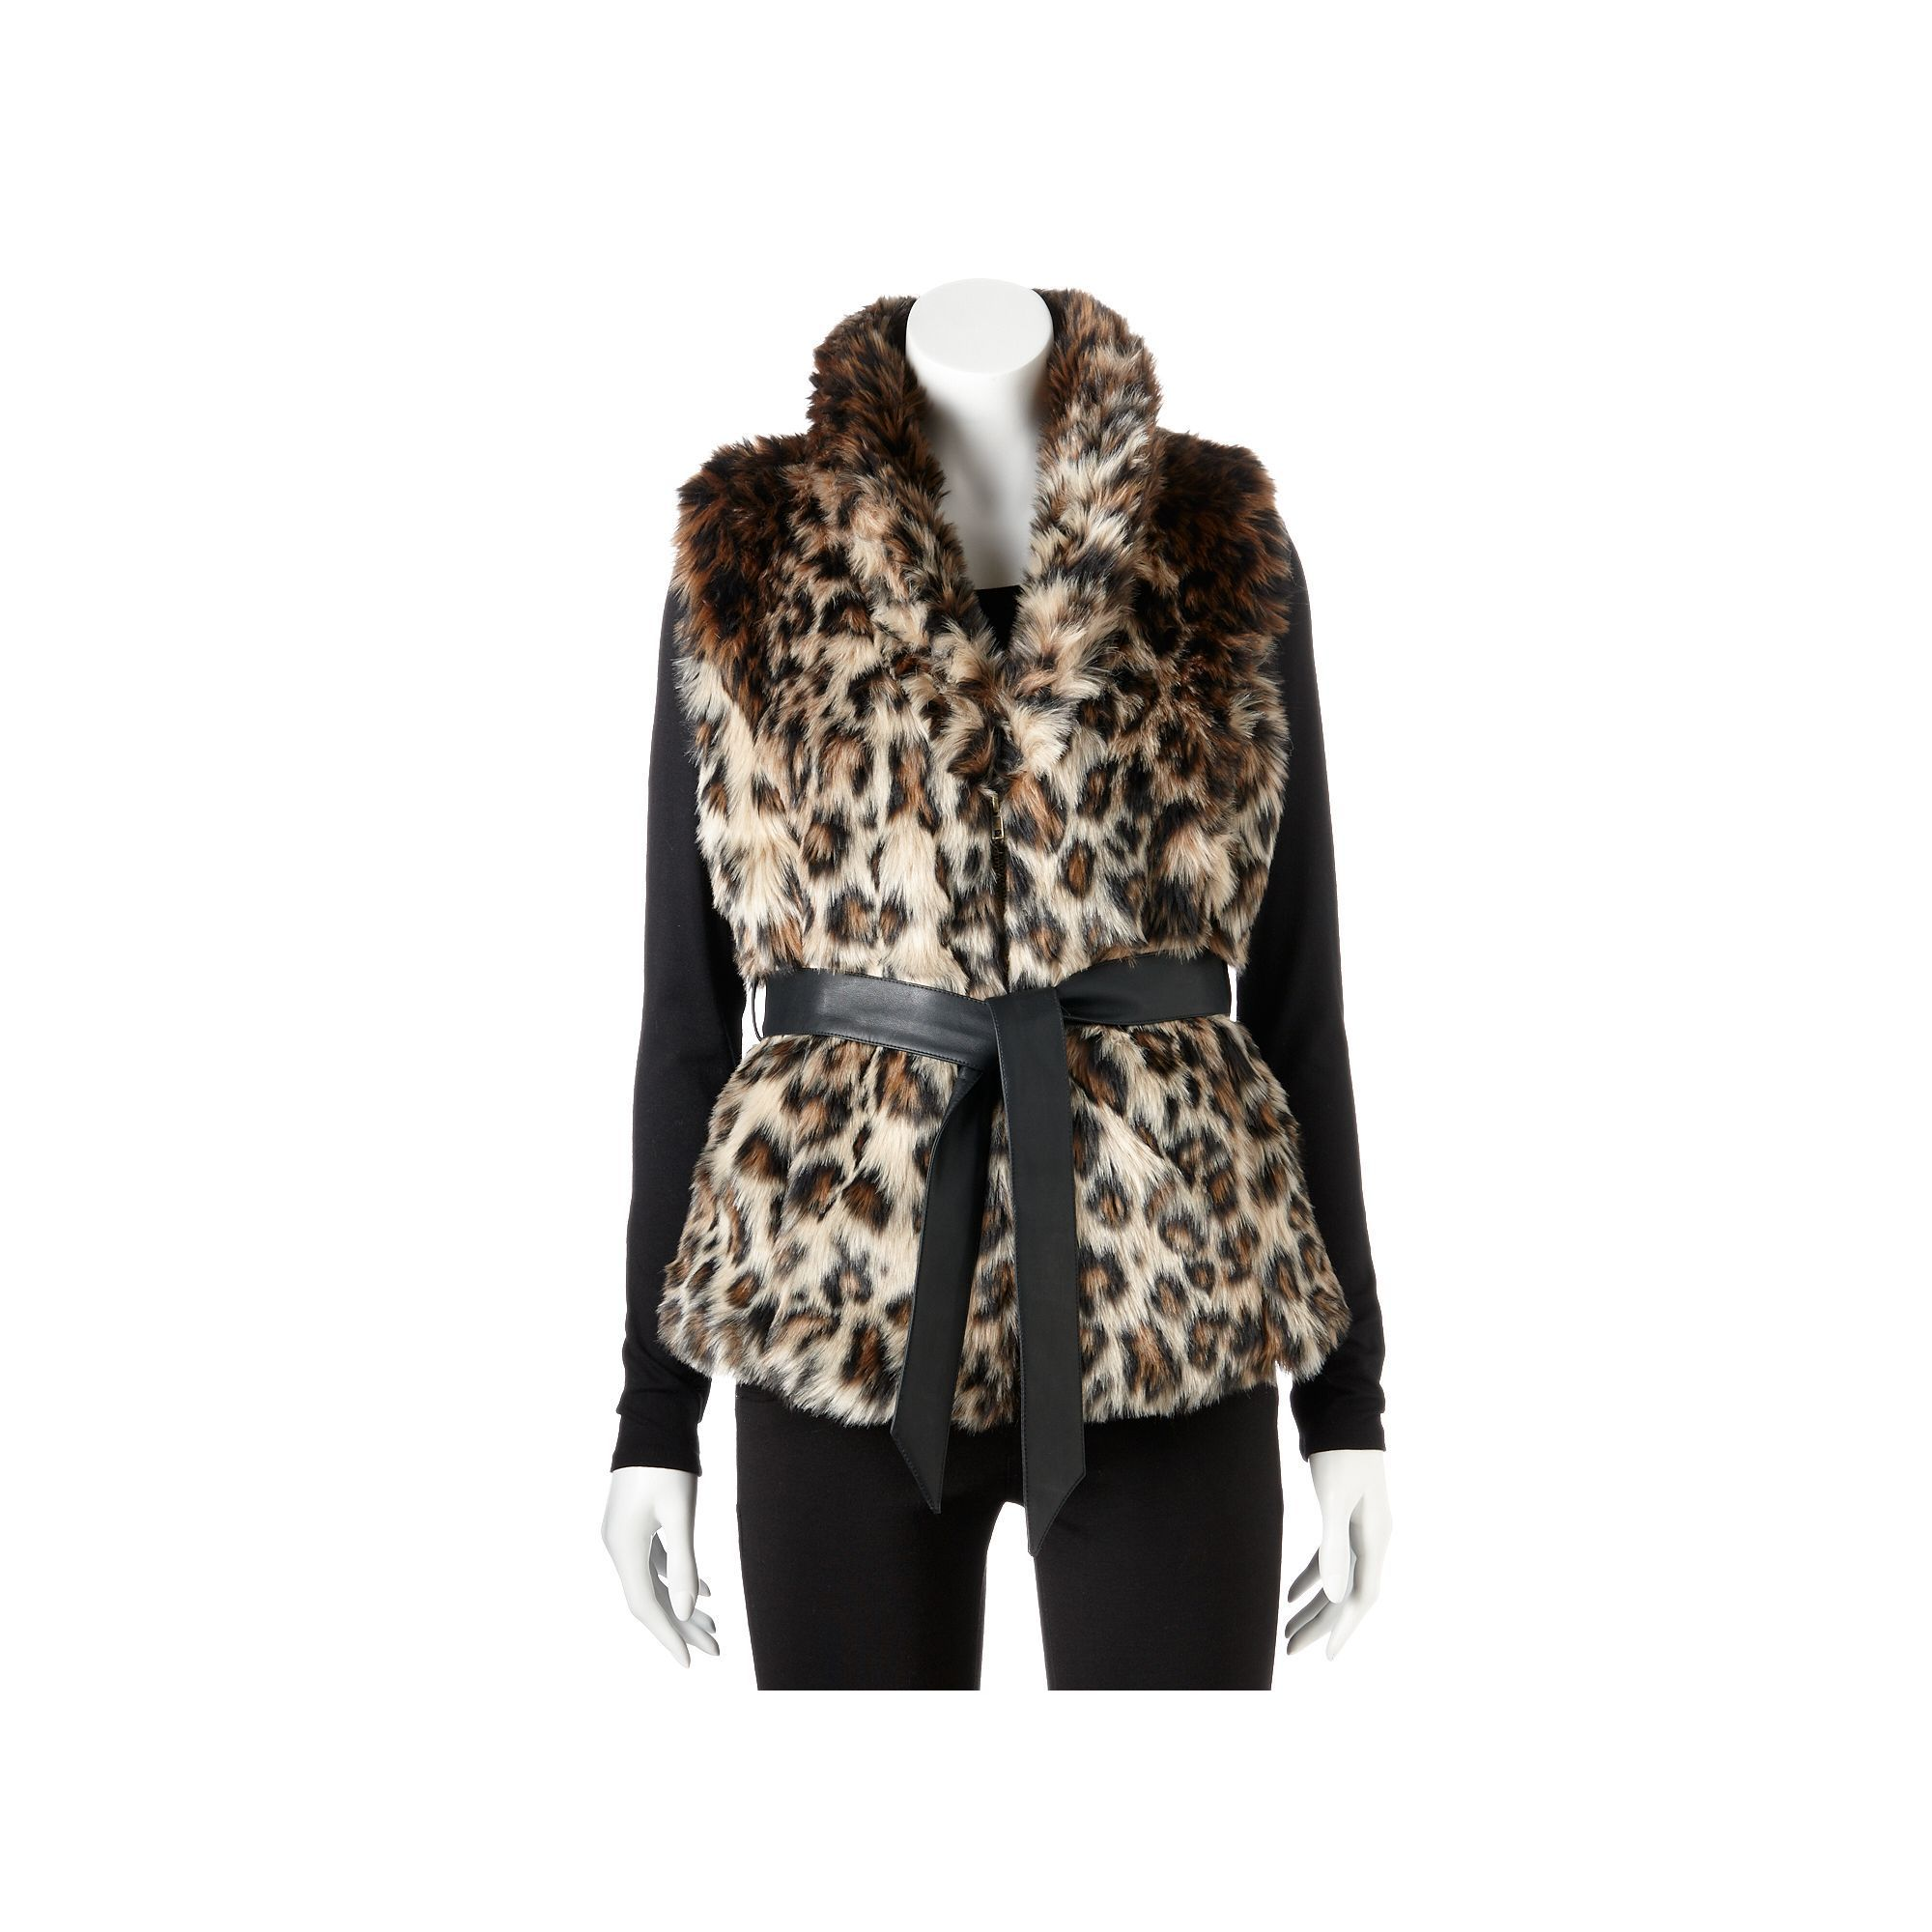 Excelled Women's Excelled Leopard Faux-Fur Vest